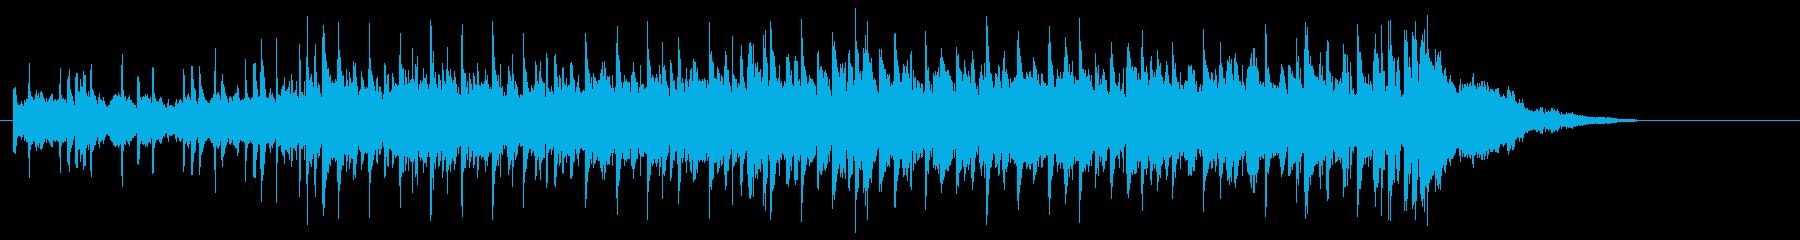 アダルトなナイトエレガンスサウンドの再生済みの波形